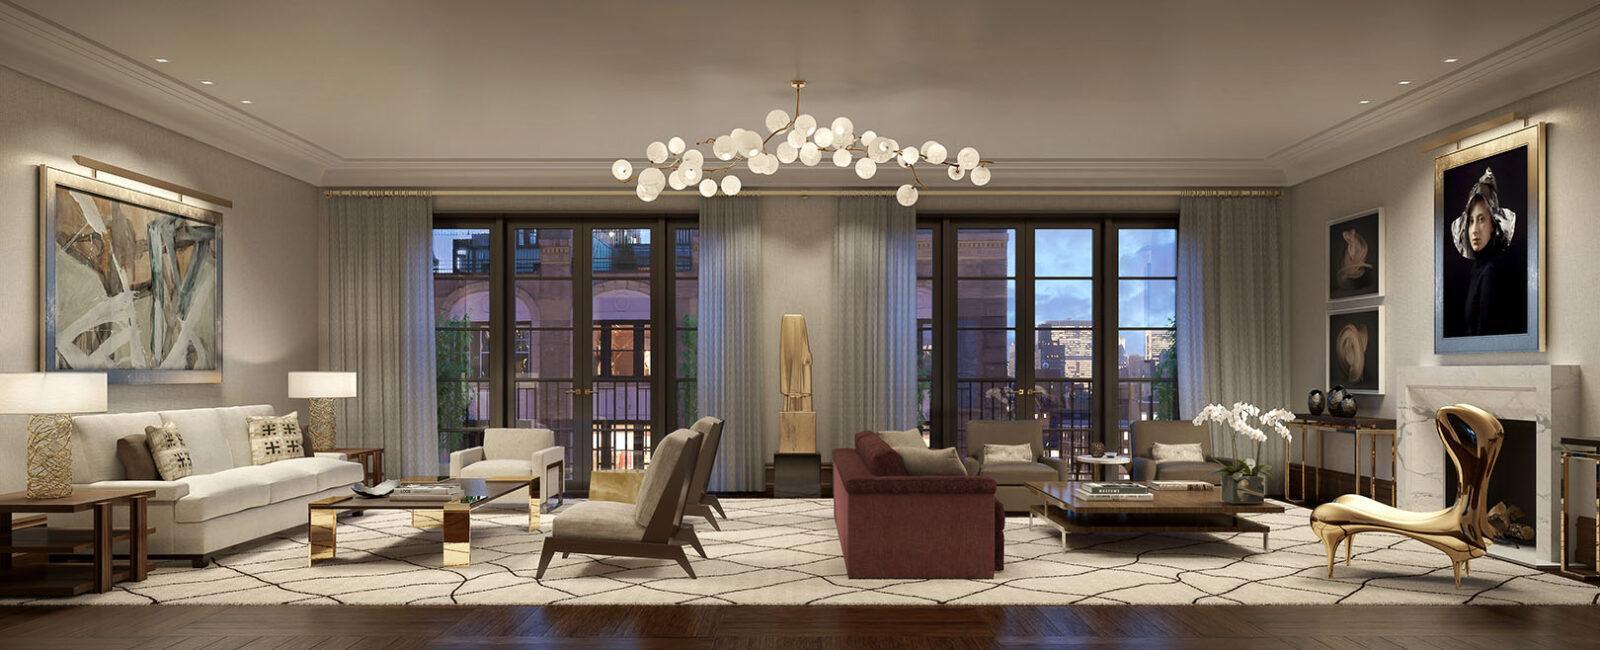 155e79_livingroom